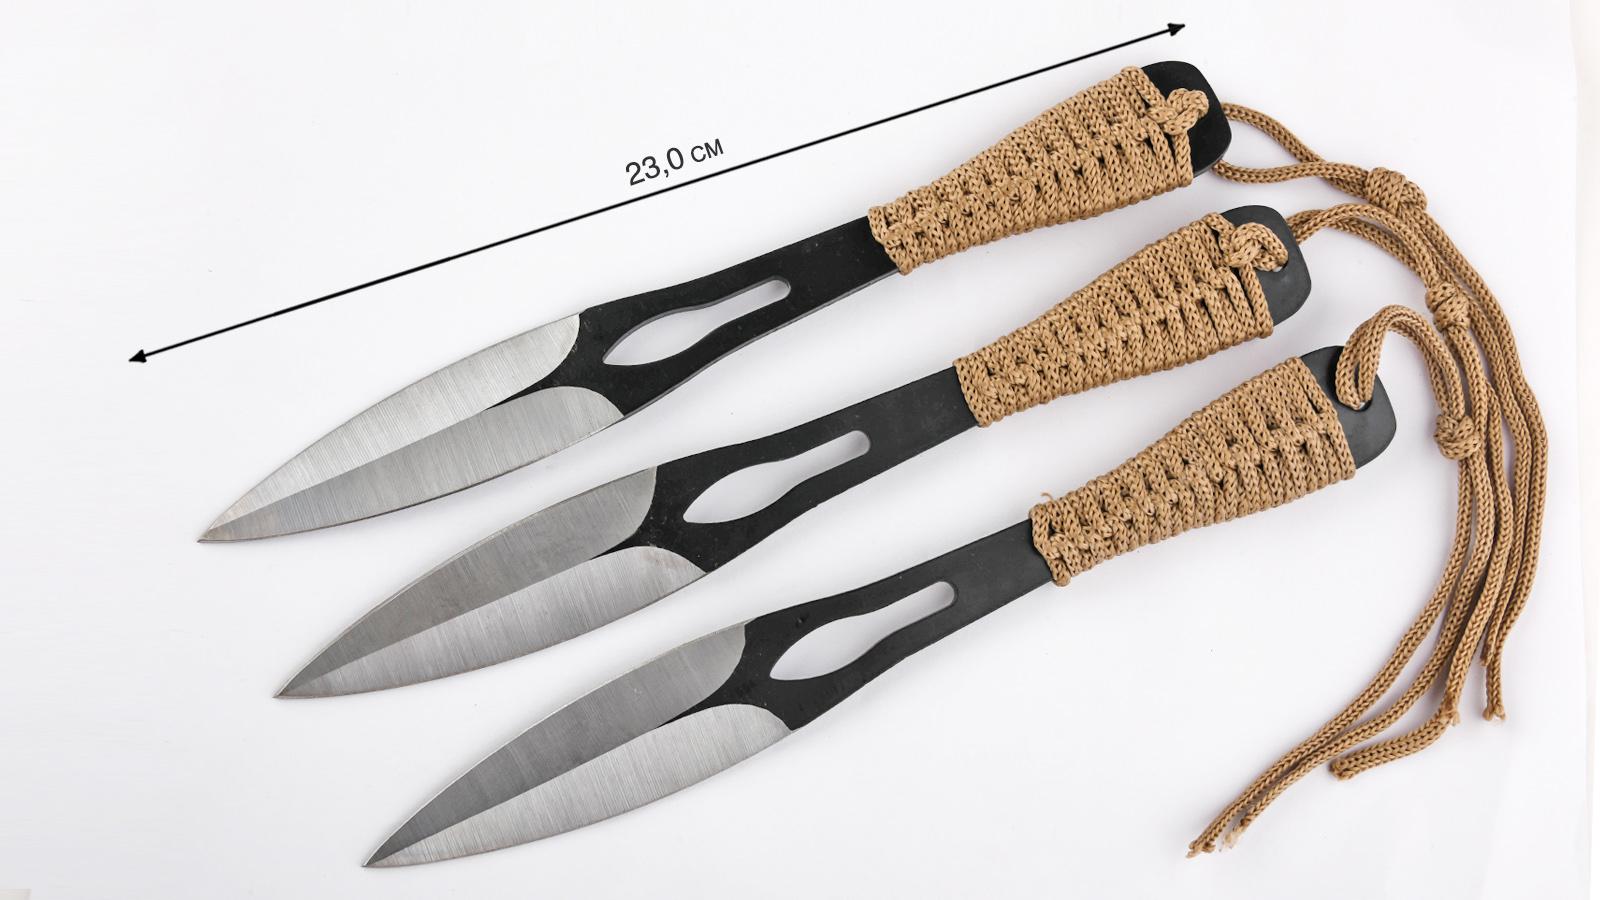 Сбалансированные ножи для спортивного метания по лучшей цене